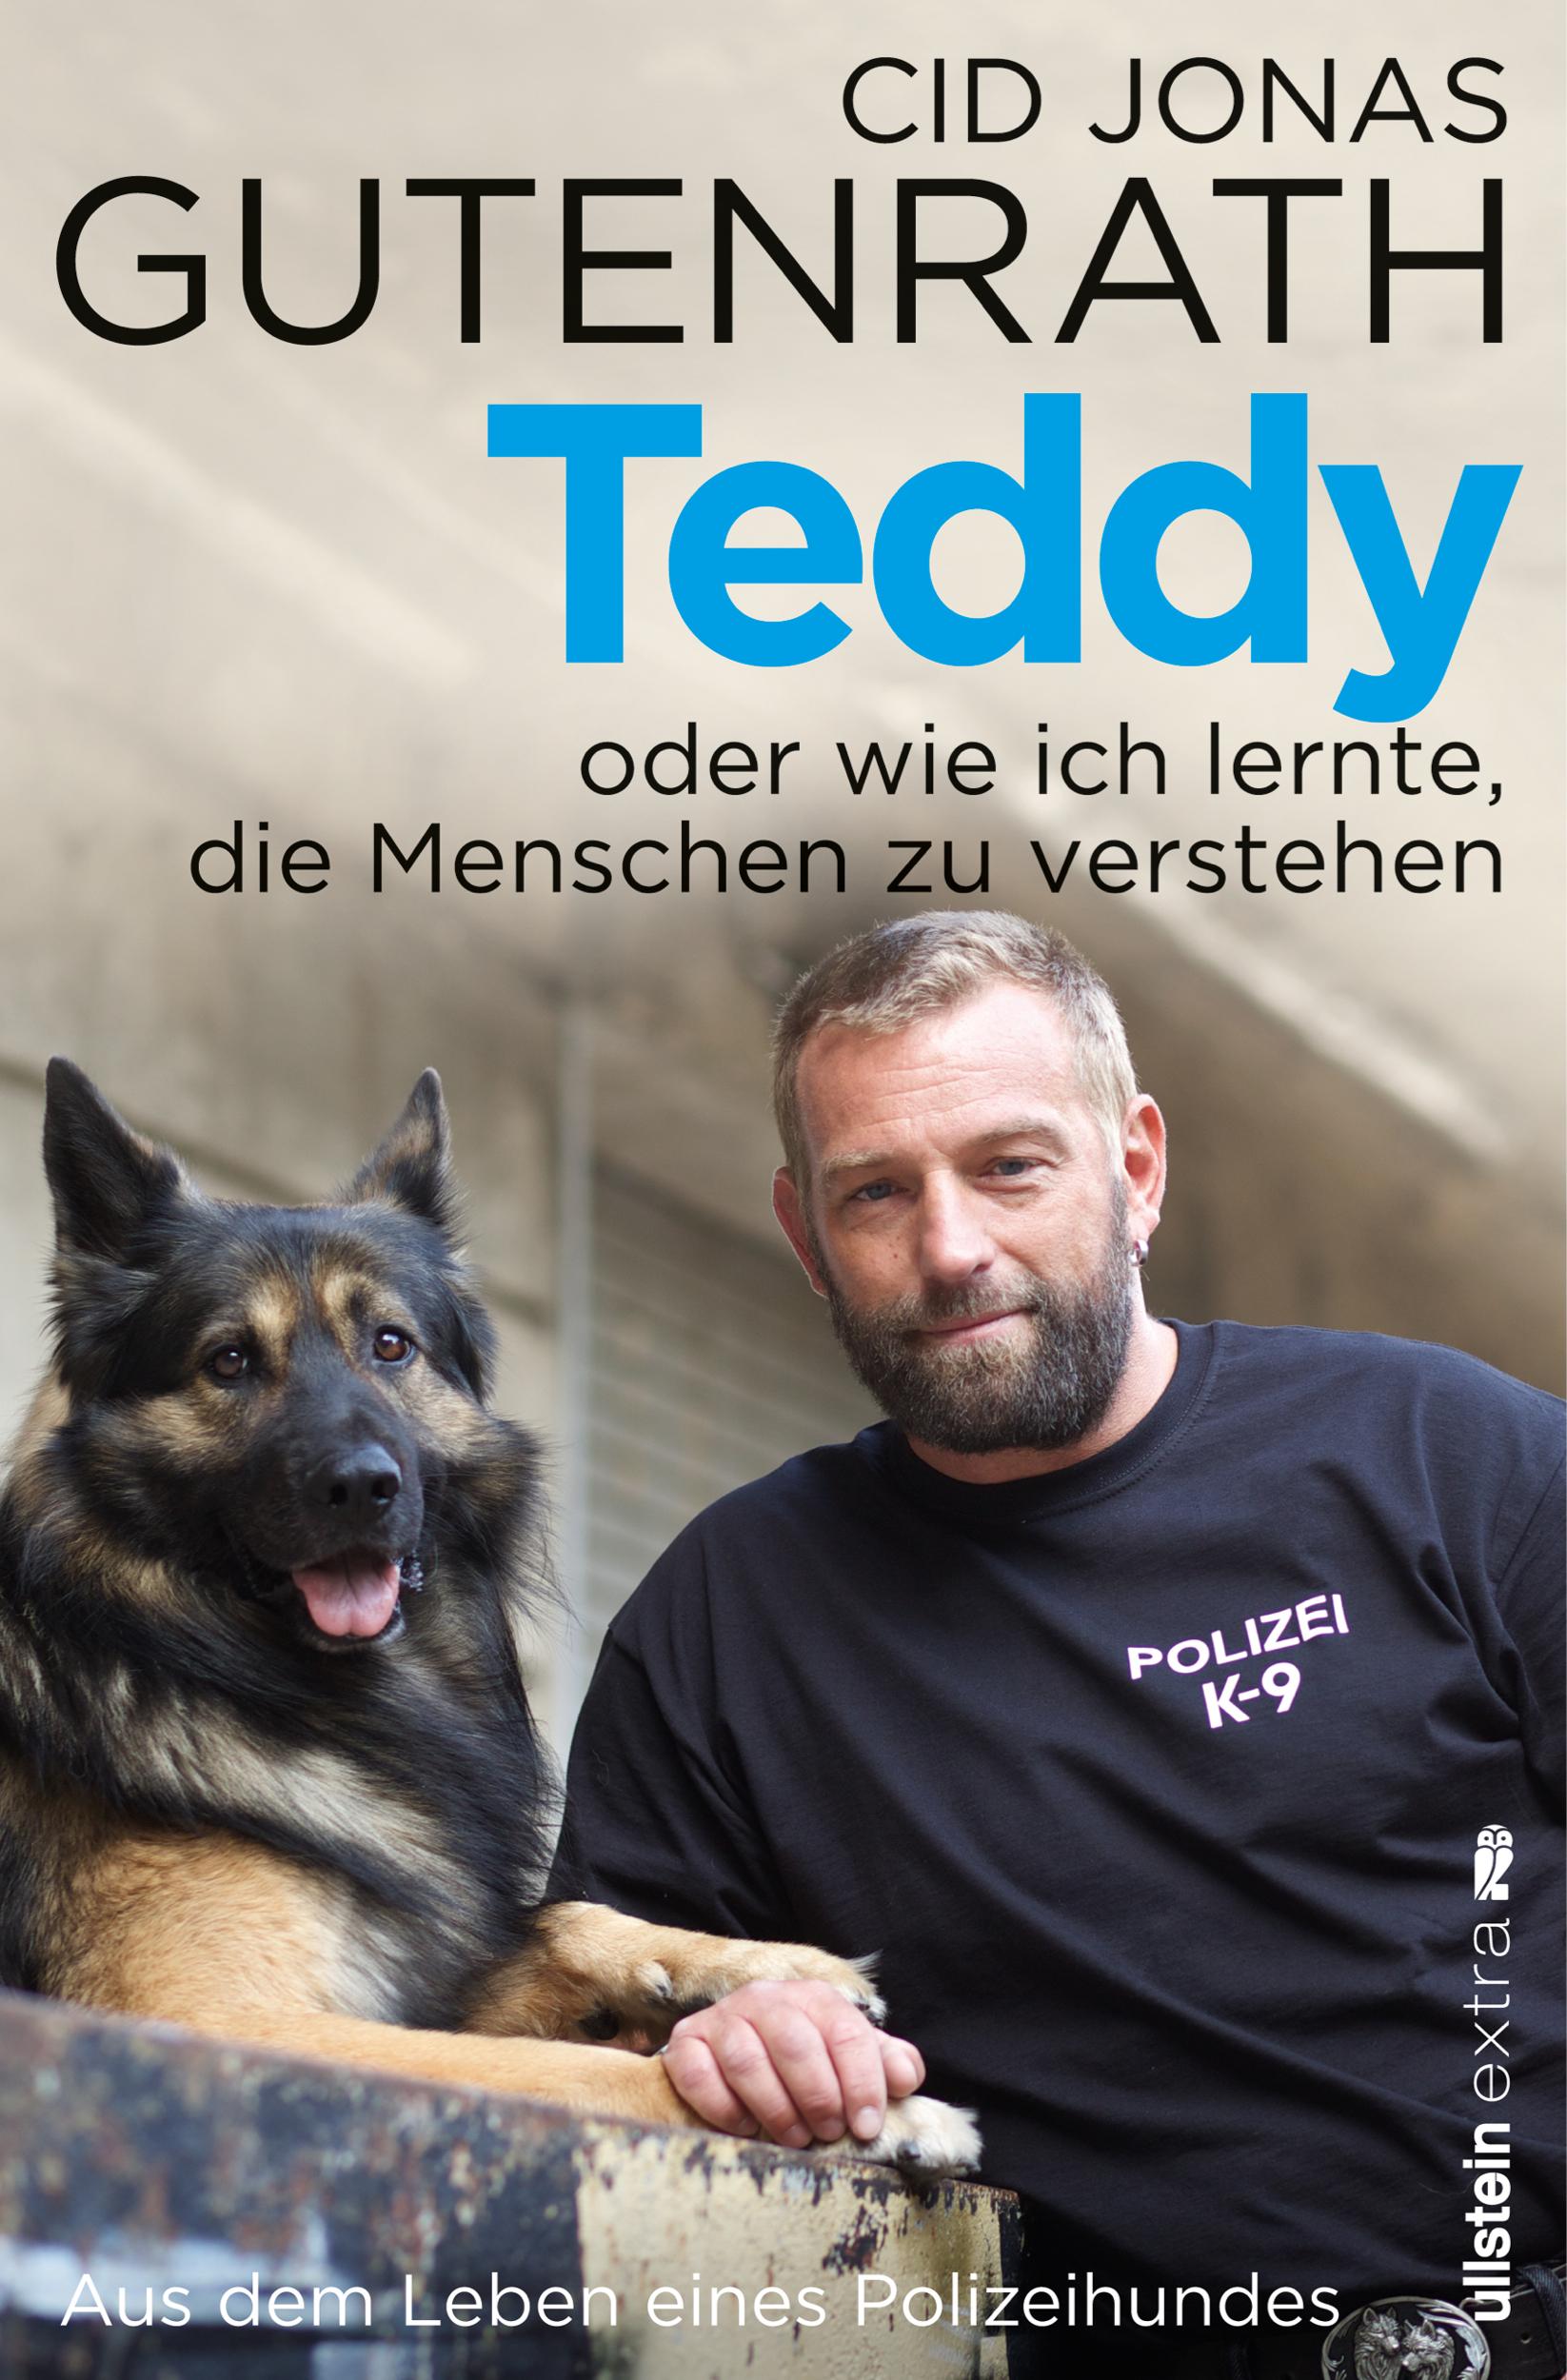 Teddy oder wie ich lernte, die Menschen zu verstehen: Aus dem Leben eines Polizeihundes - Gutenrath, Cid Jonas